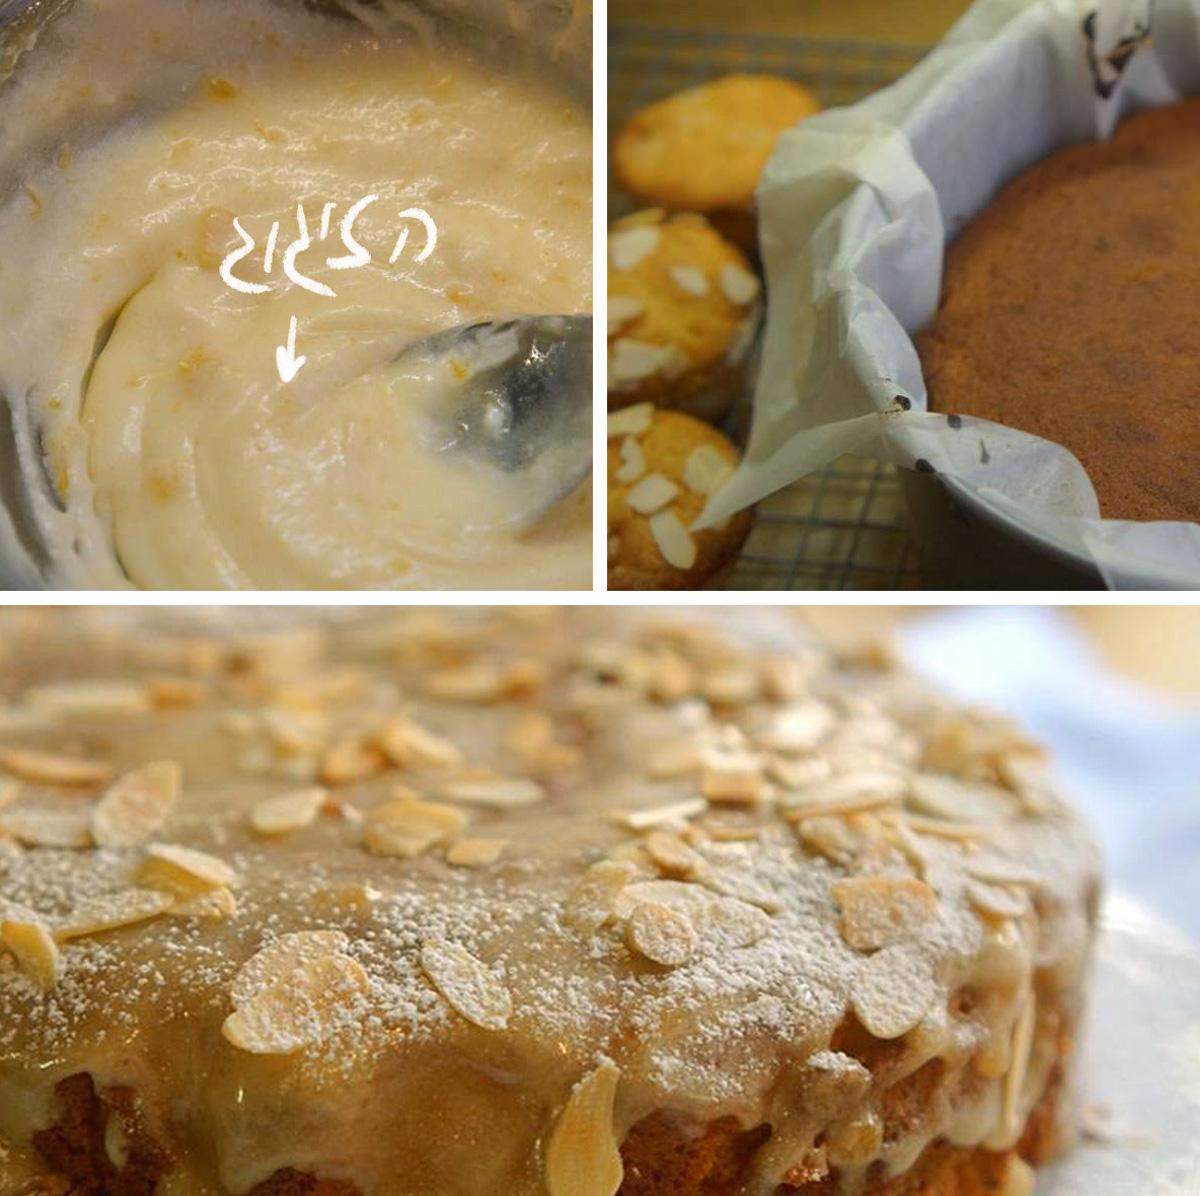 עוגת משמש, גבישס - בלוג האוכל של מירב גביש